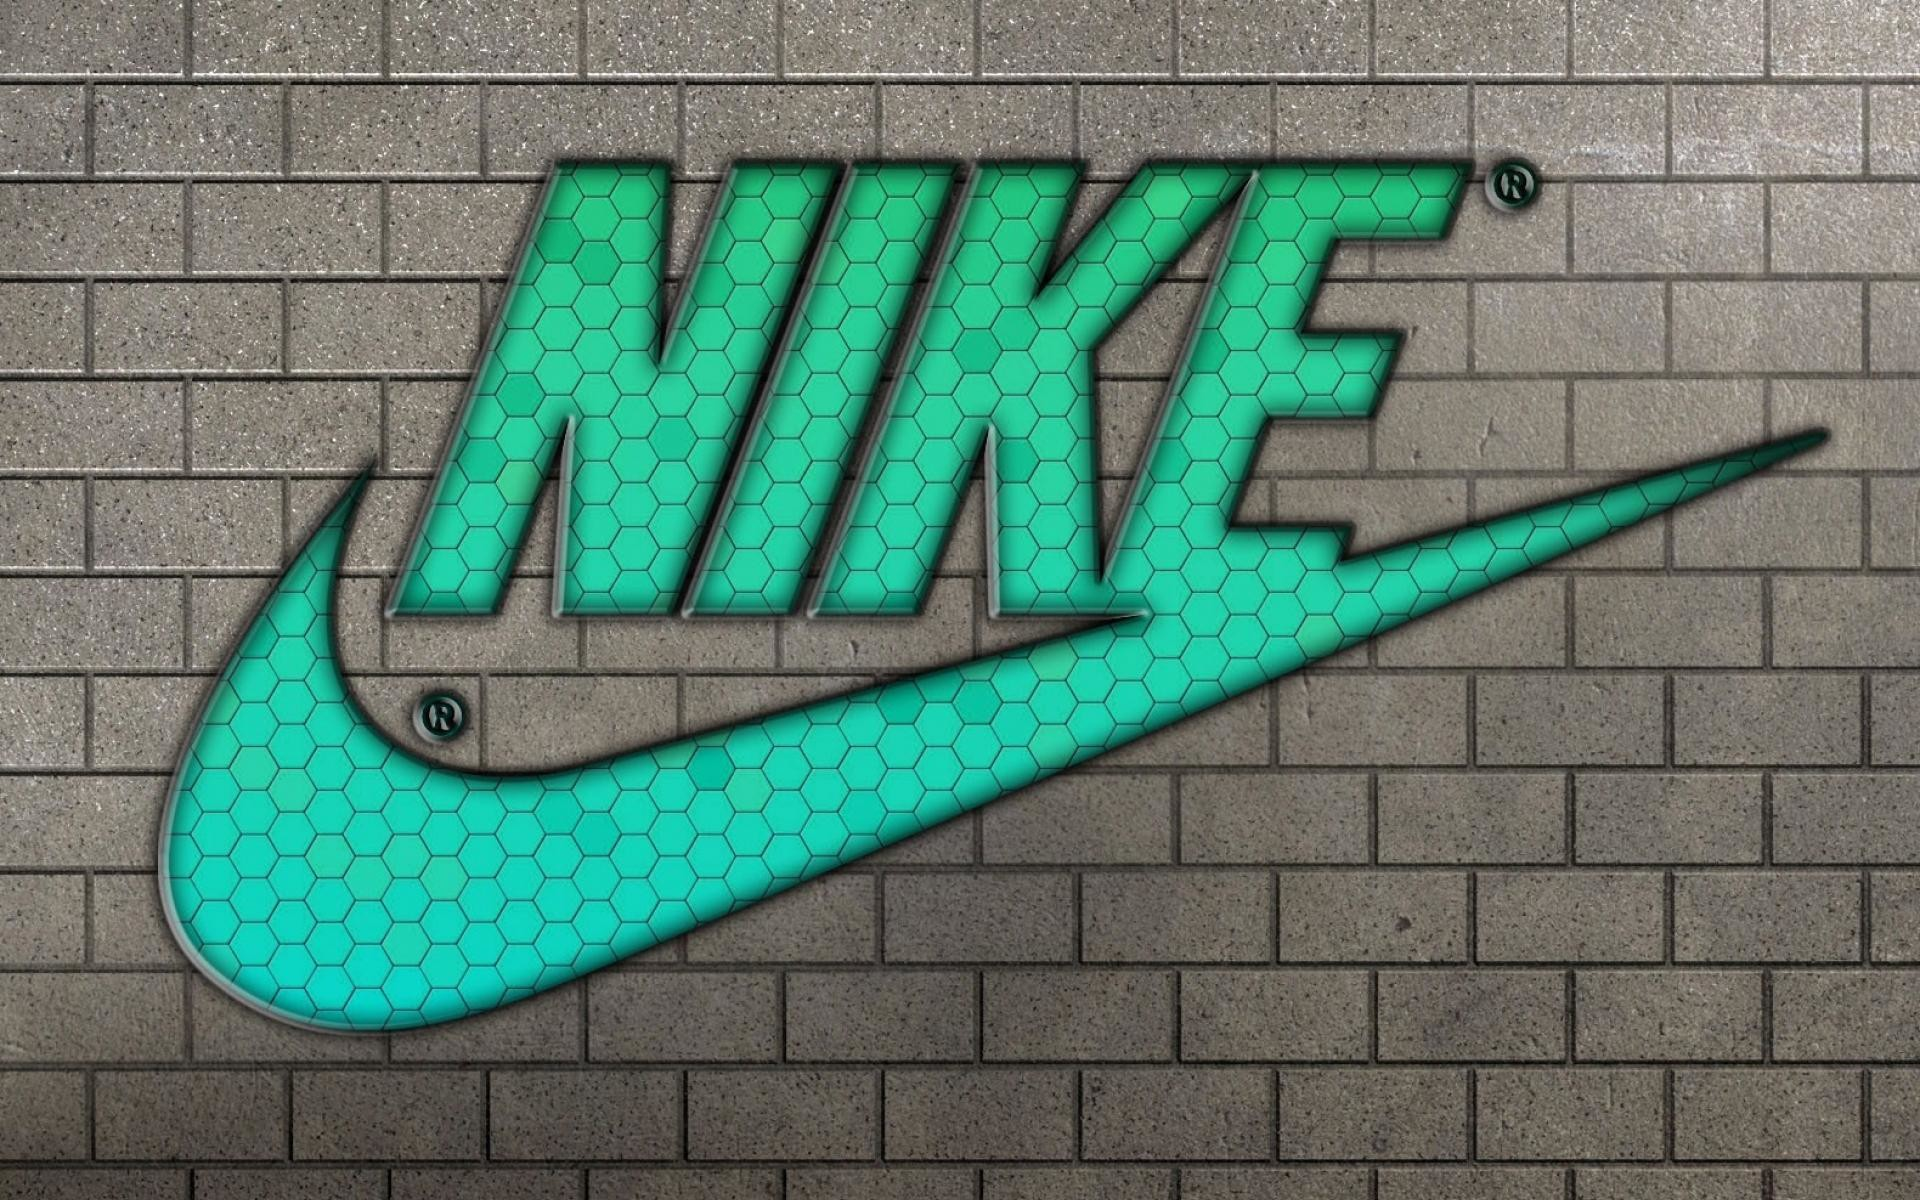 … nike iphone wallpapers hd pixelstalk net